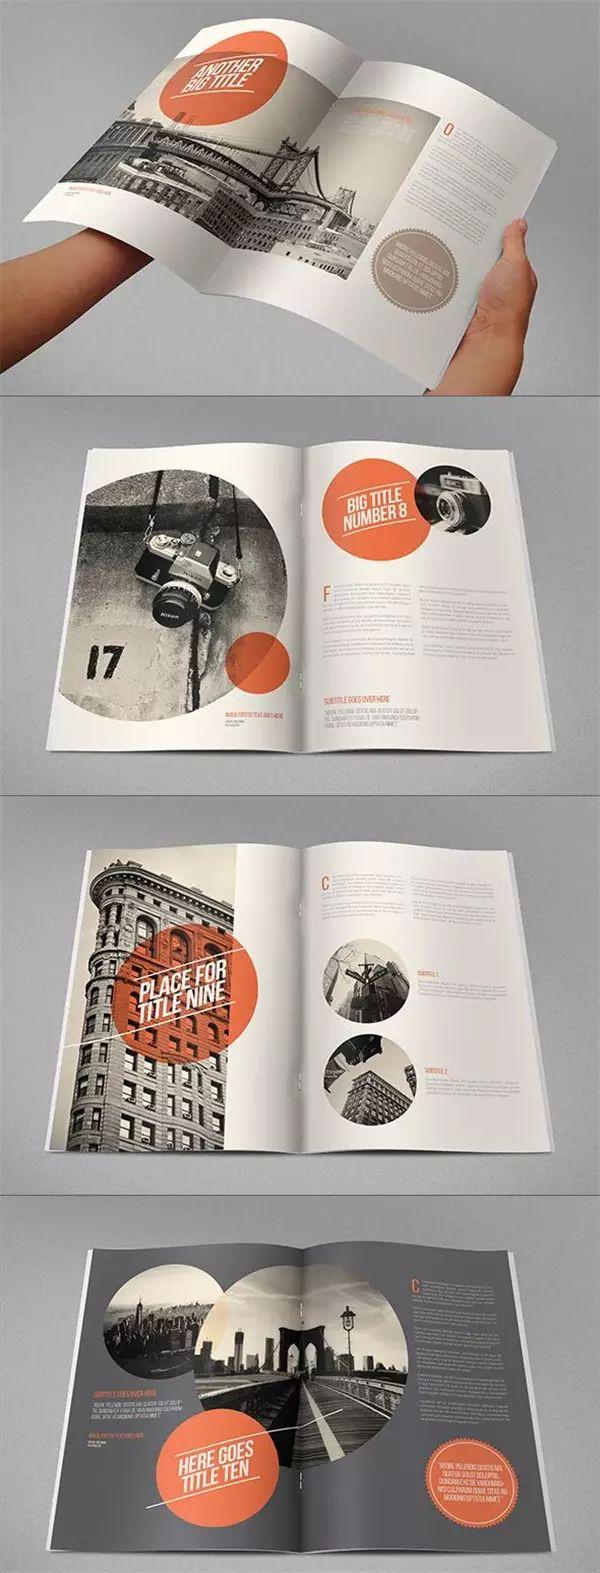 杂志排版设计风格都在这里!